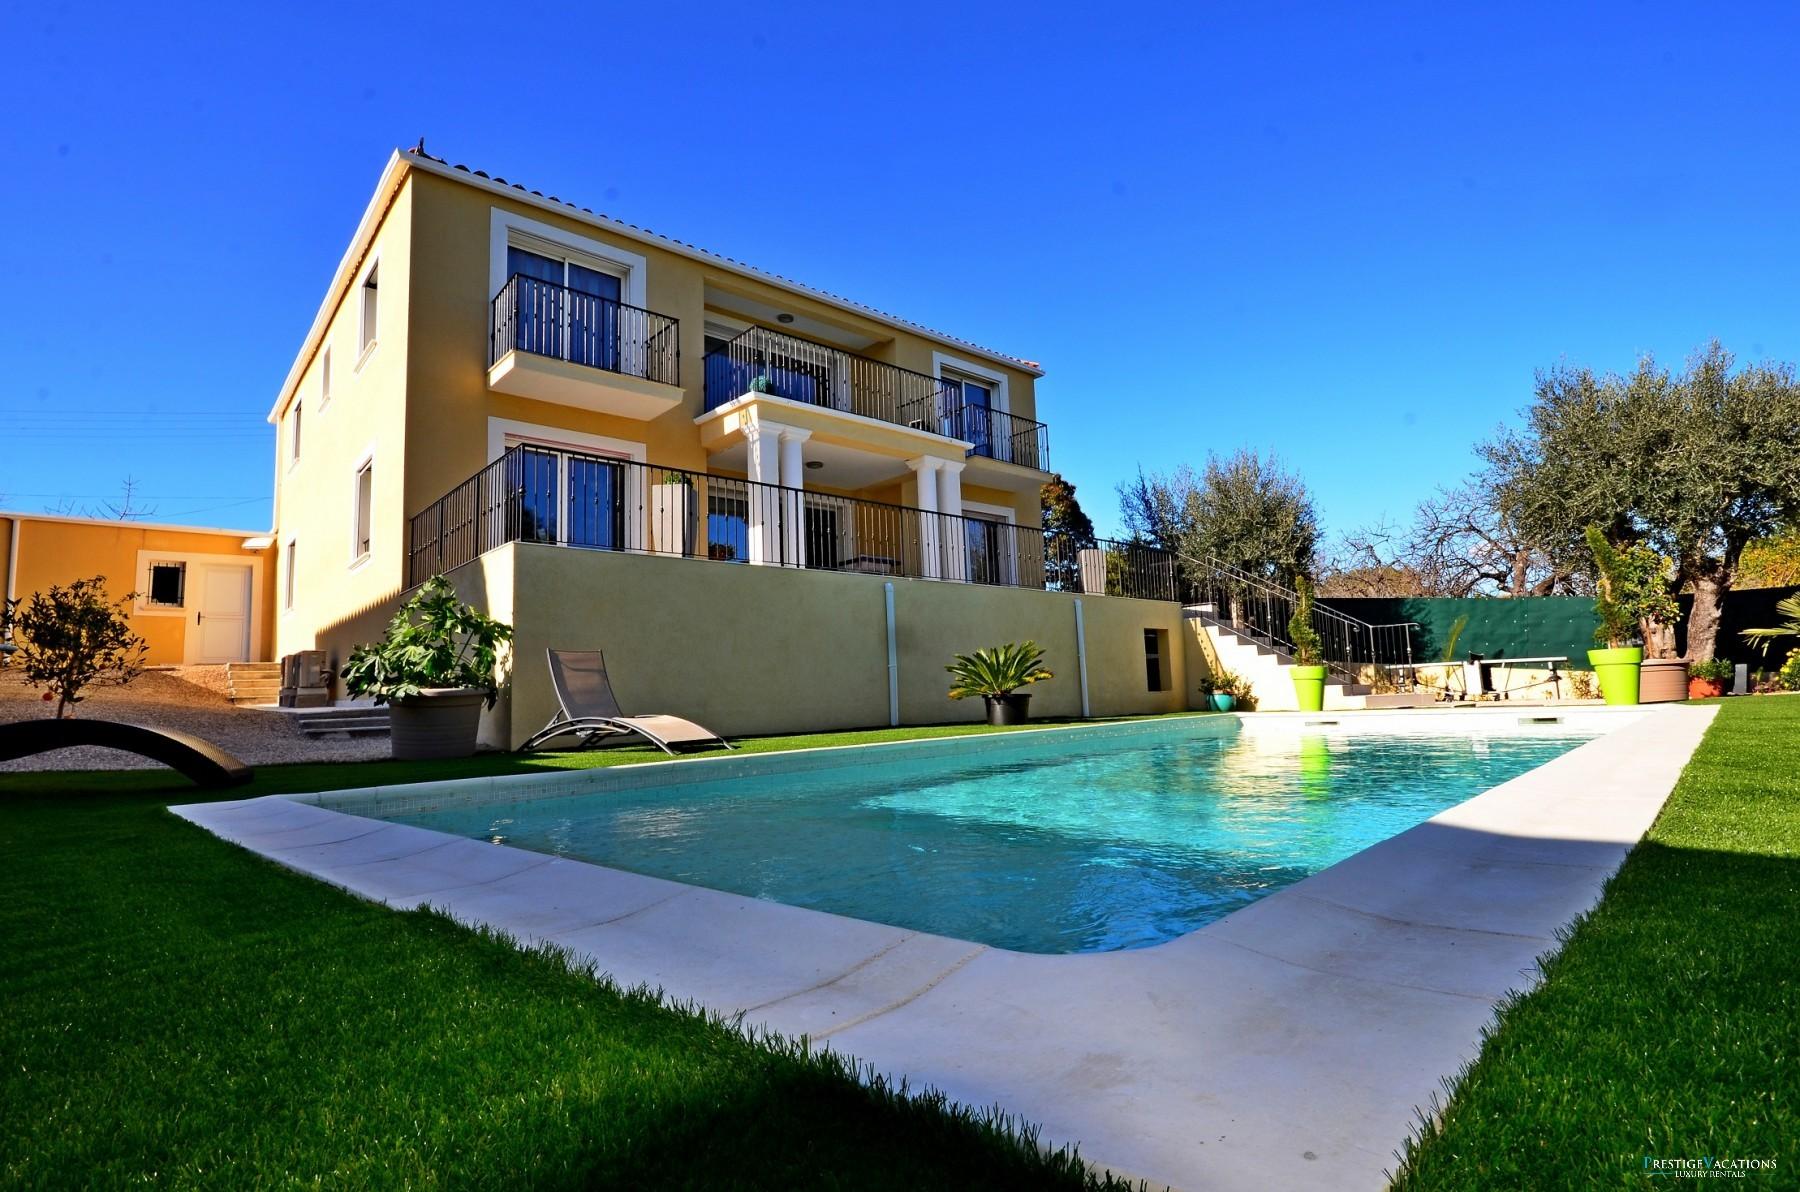 Villa/Dettached house in Villeneuve-Loubet - HSUD0042